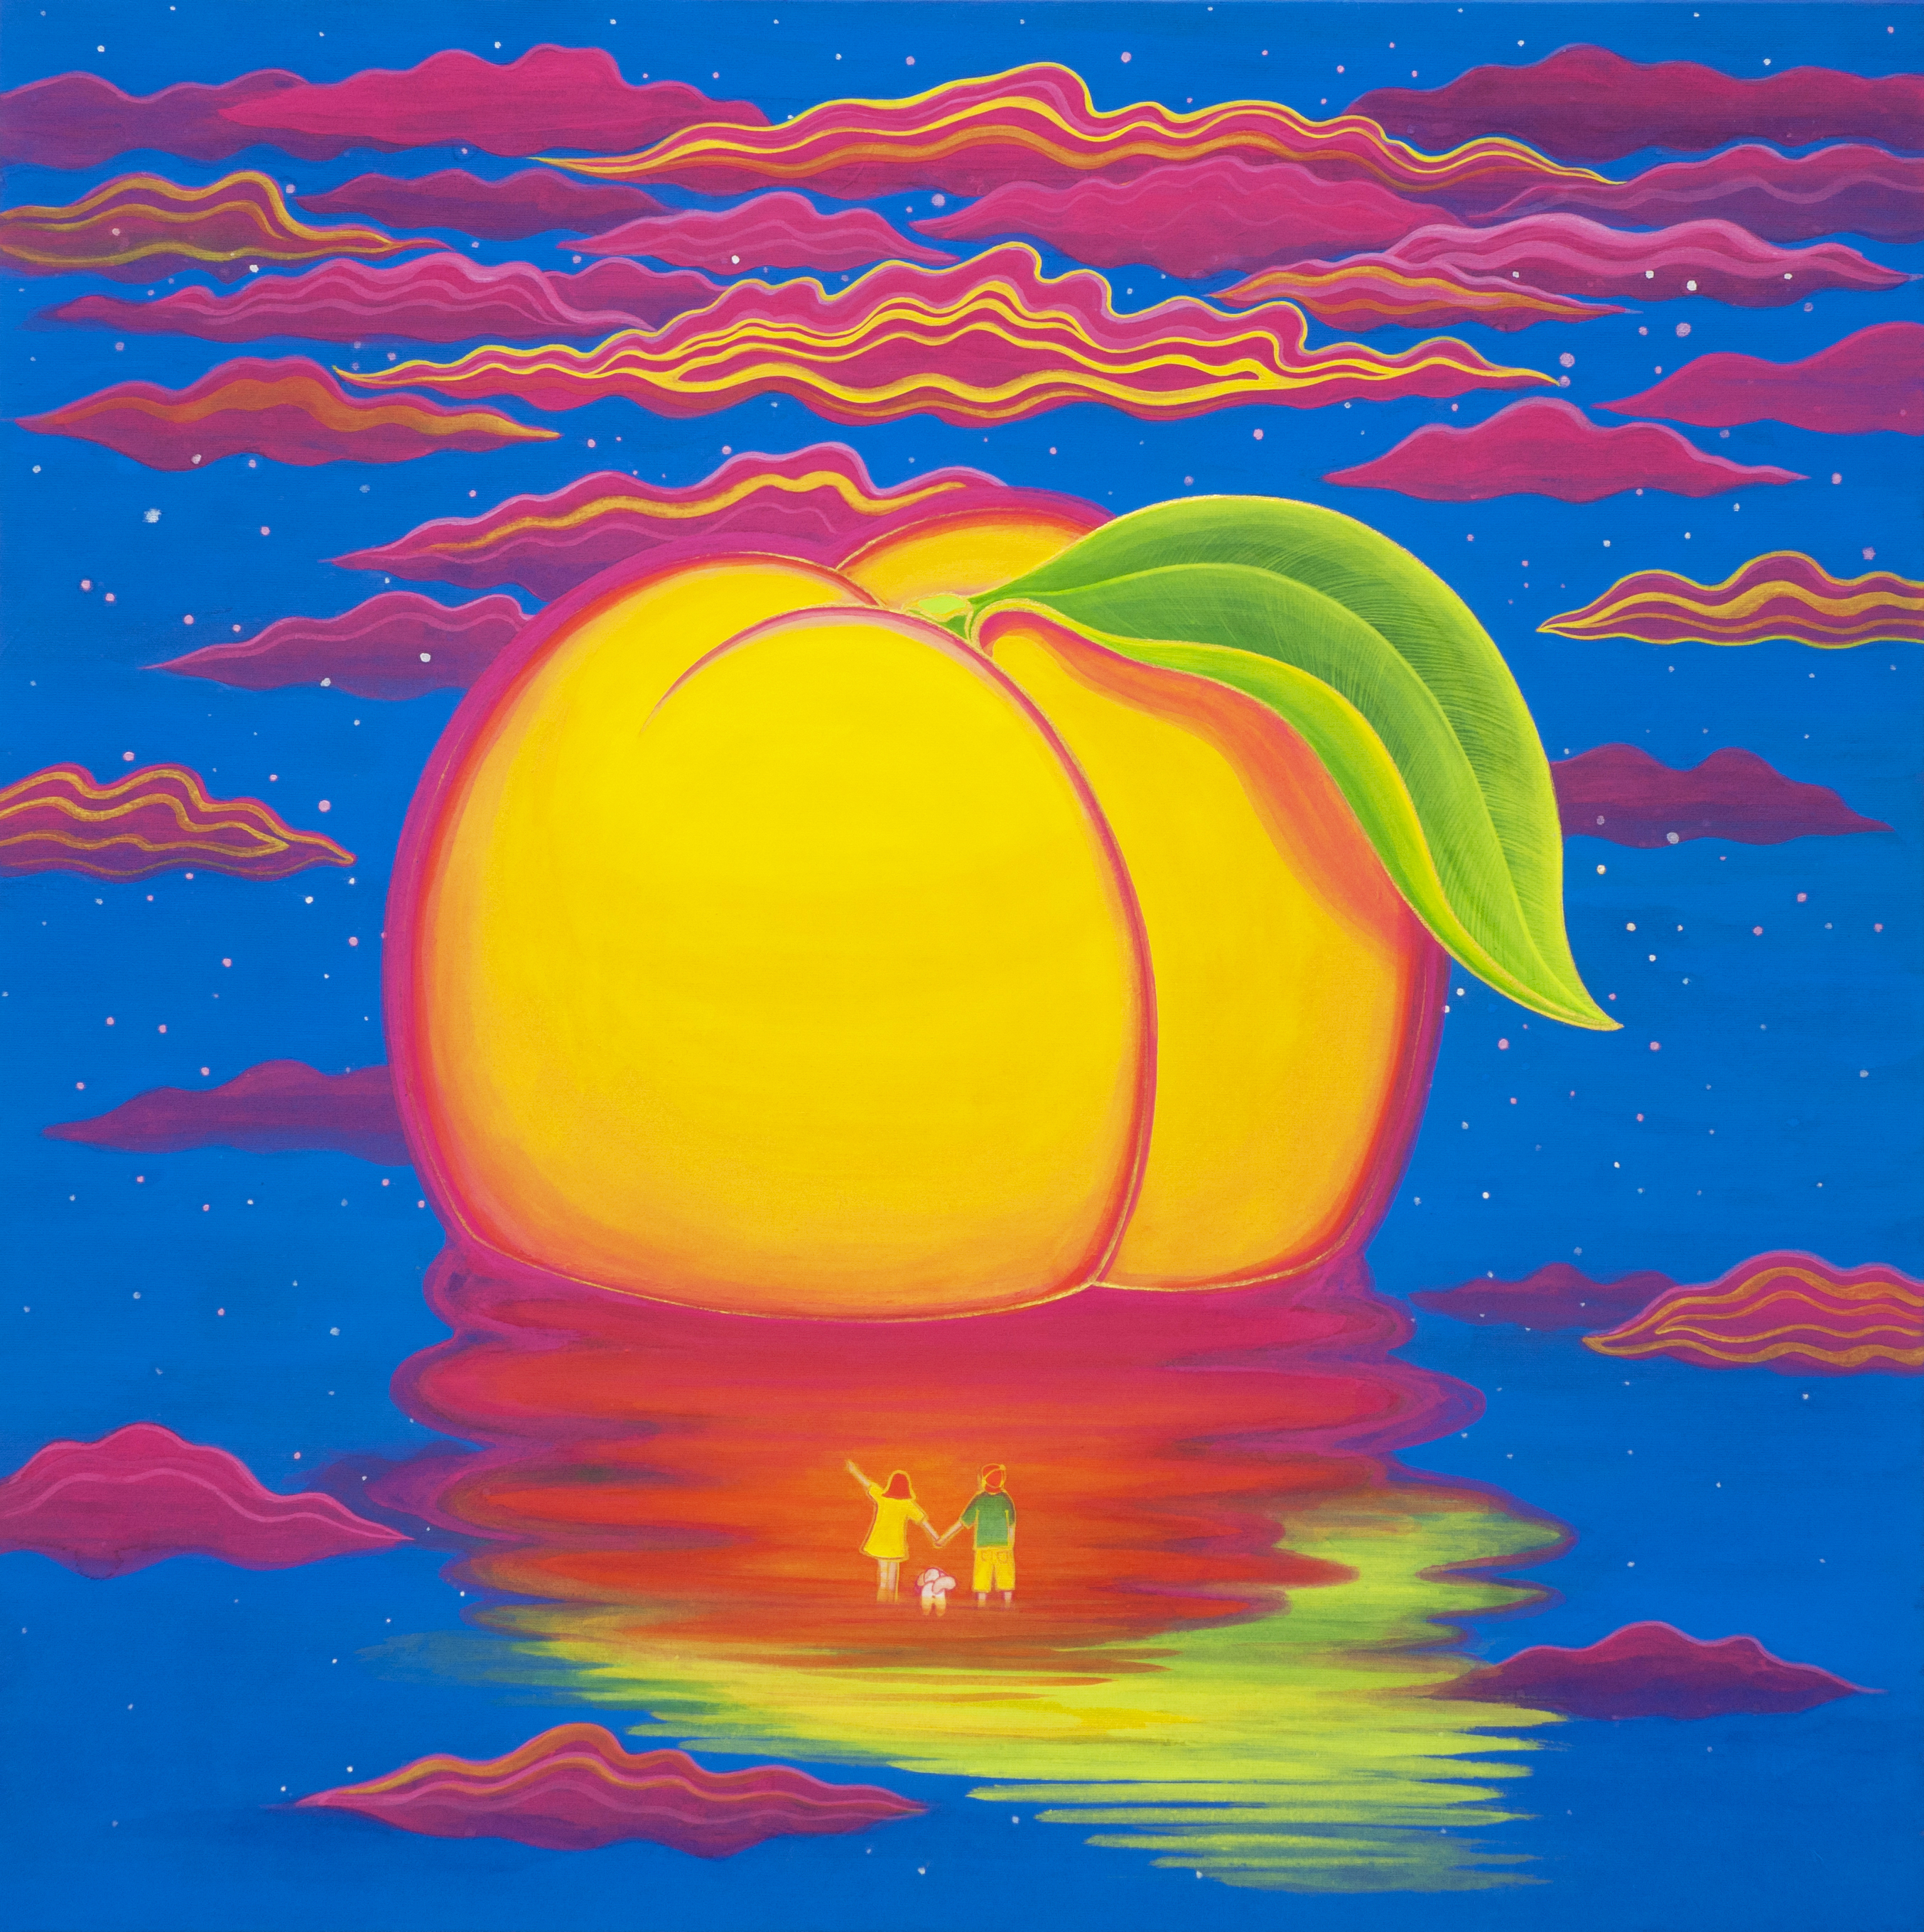 [작품3]Peach_Paradise_island,_50x50cm,korean_traditional_silk_painting,_2015.jpg